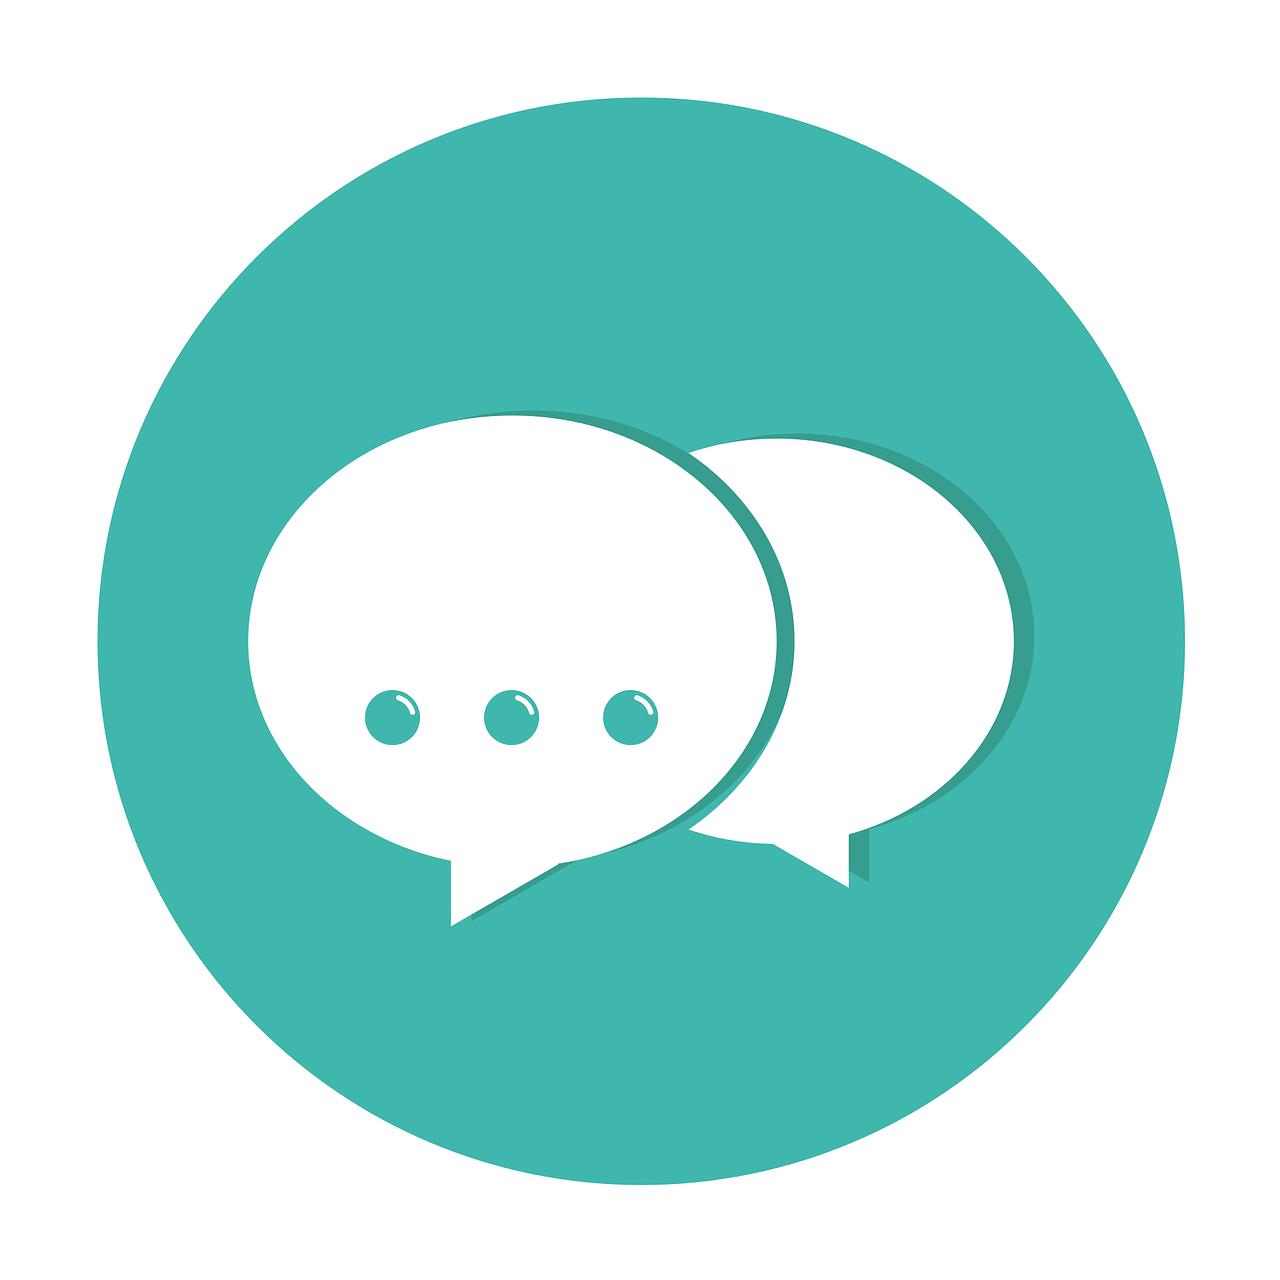 Live Chat เทคโนโลยีคอลเซ็นเตอร์ยุคใหม่